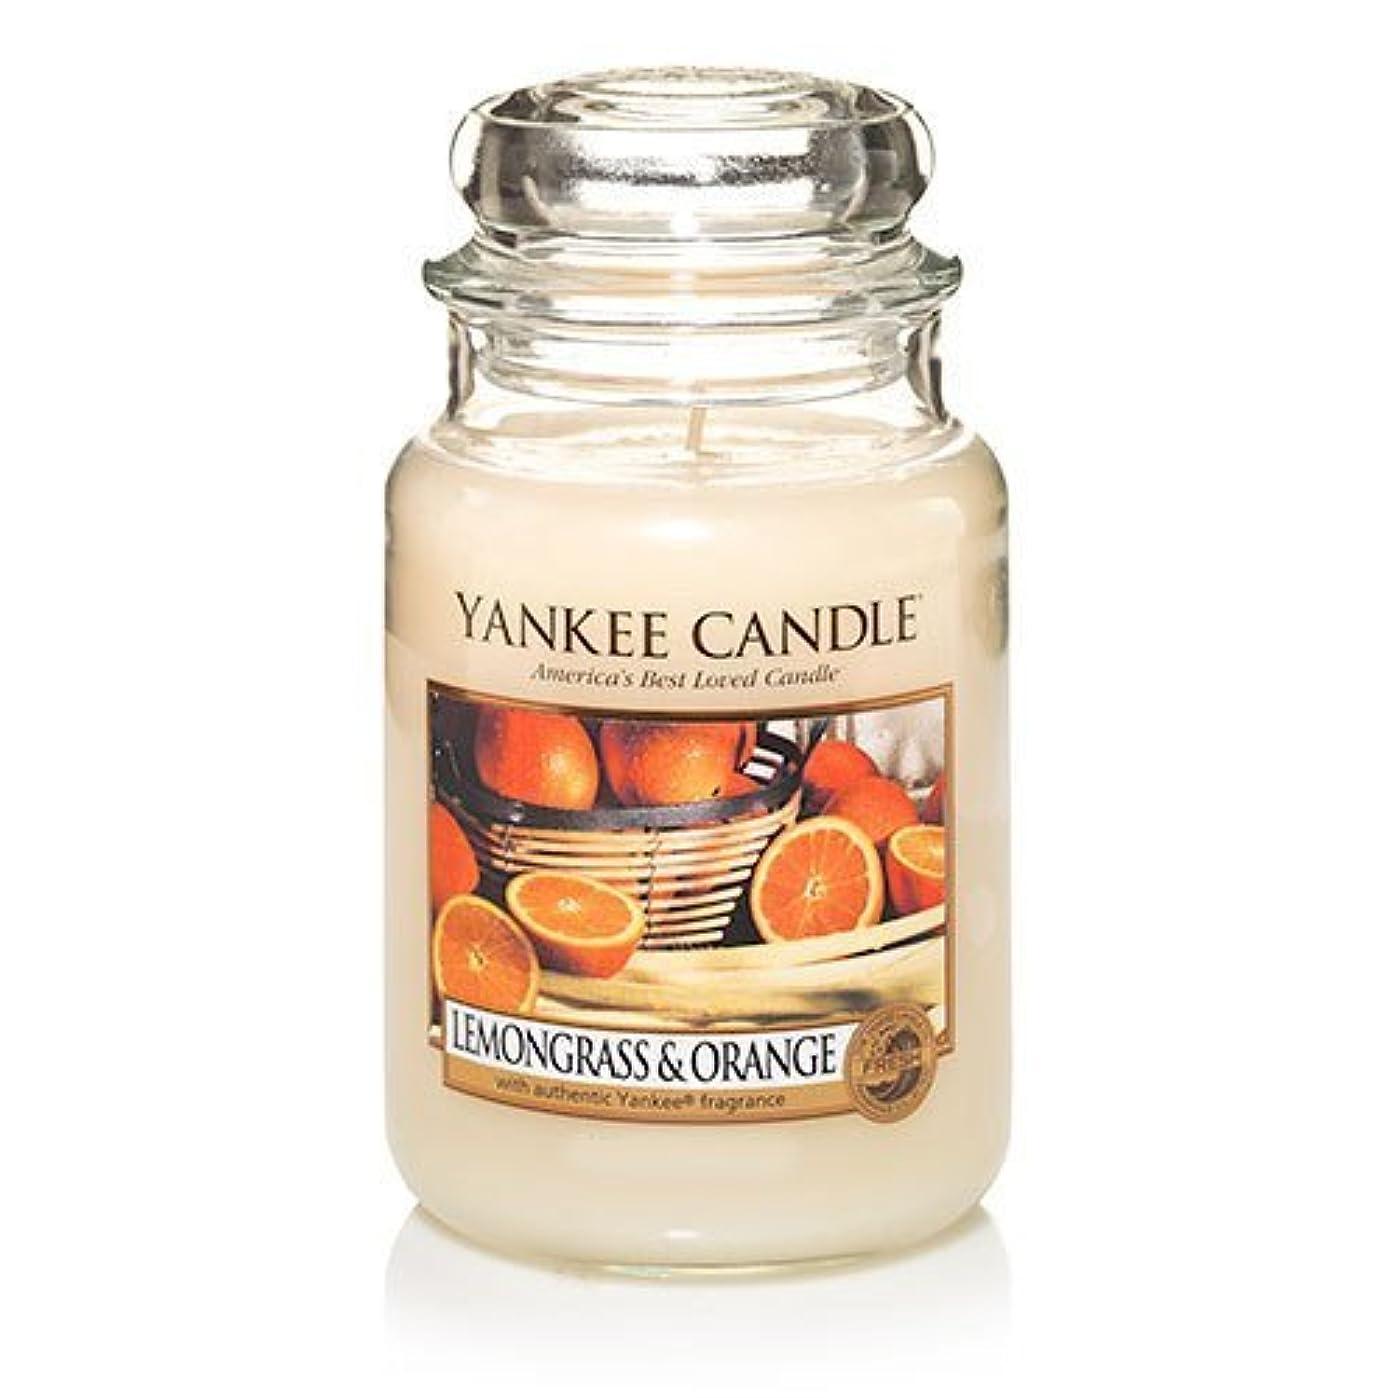 意気消沈した落ち込んでいるに同意するYankee Candle Lemongrass & Orange - 22oz Large Housewarmer Jar by Yankee Candle [並行輸入品]